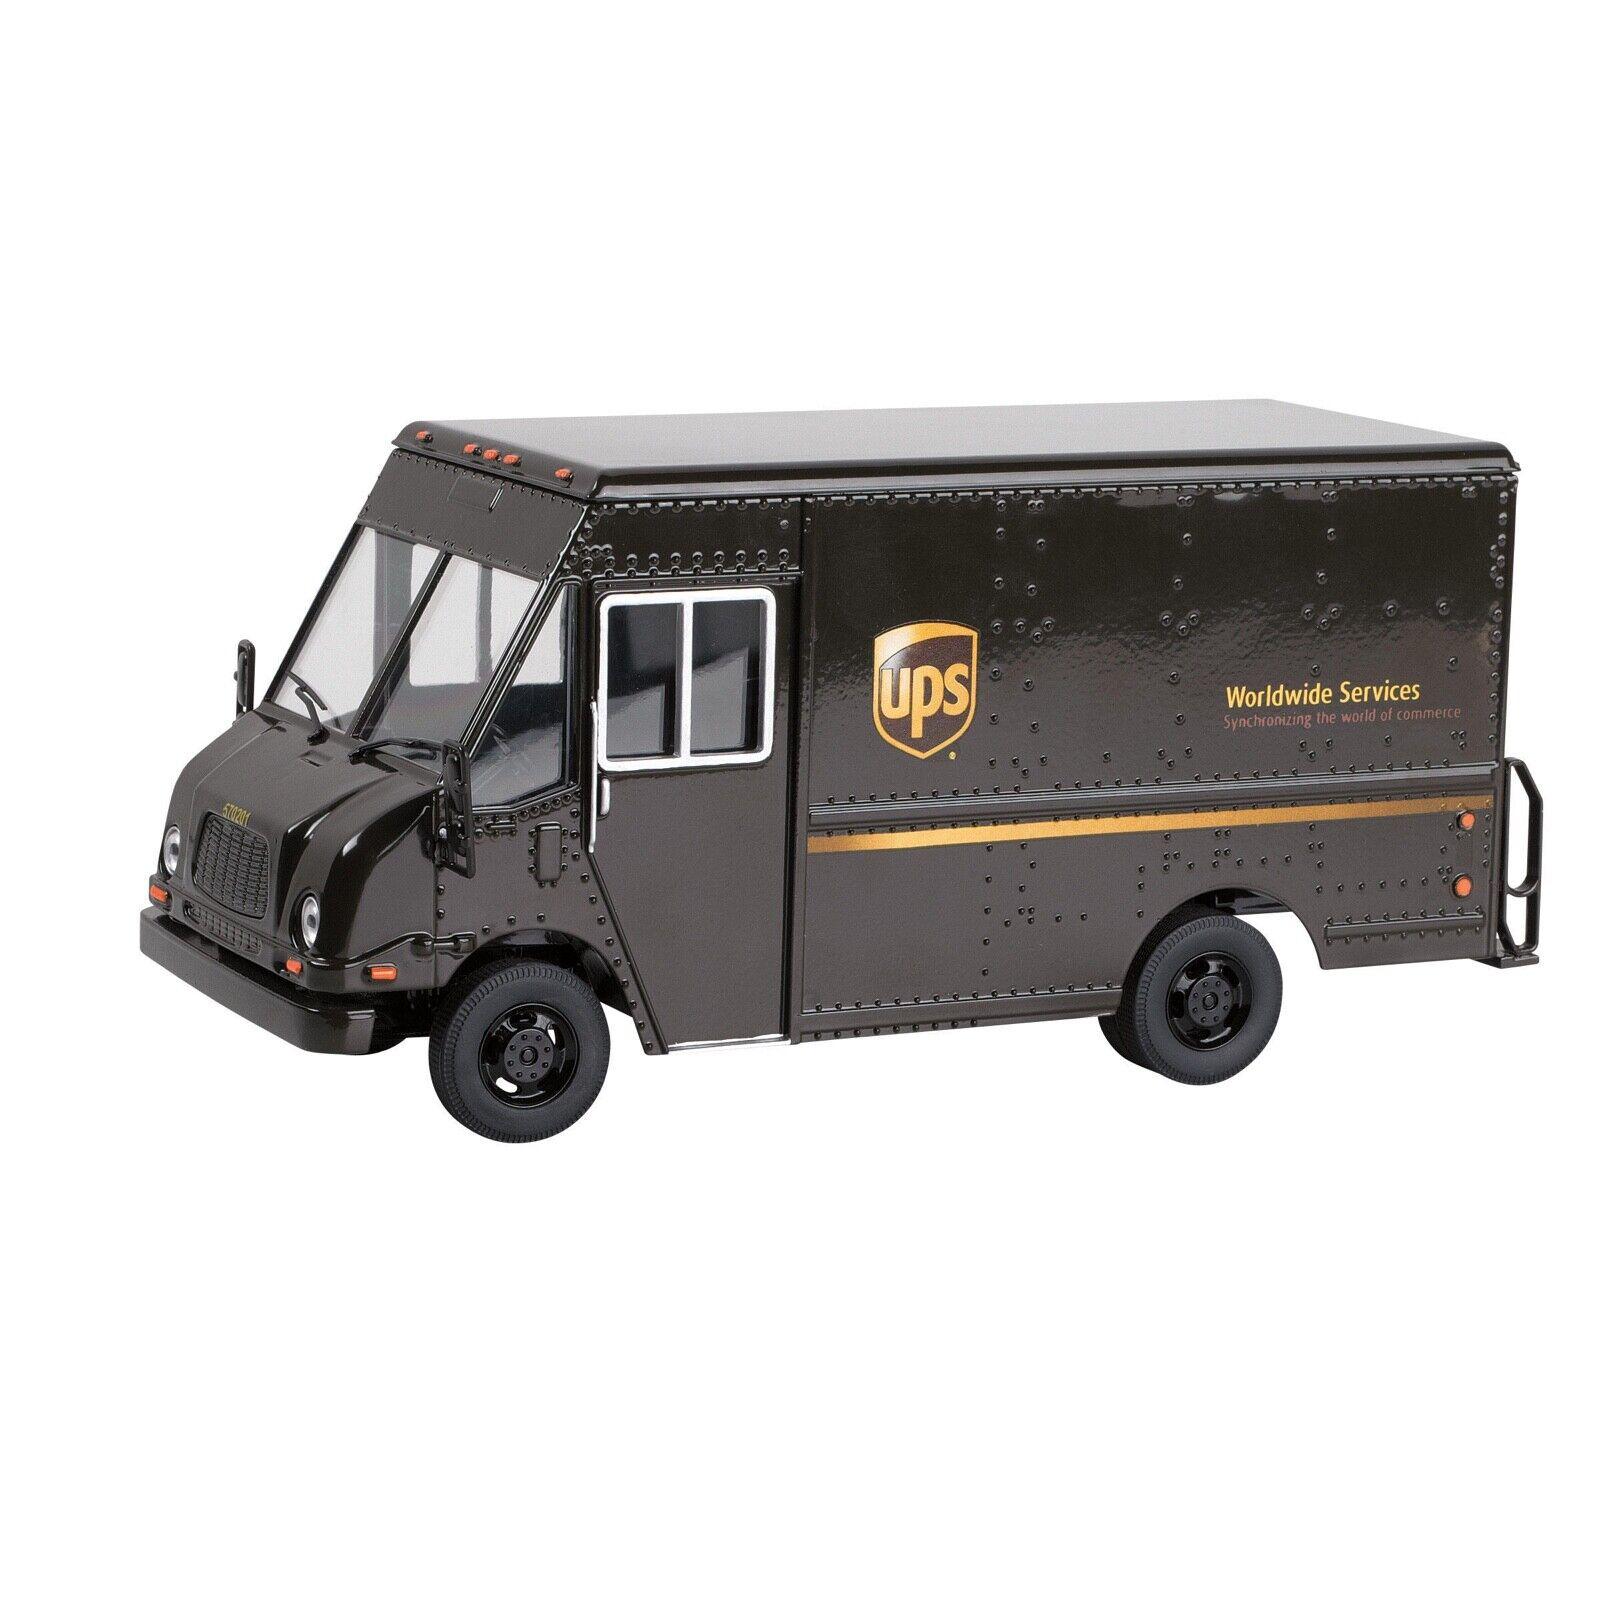 United Parcel Service UPS Paquet P57 Métal Réplique Voiture Modèle camion de livraison